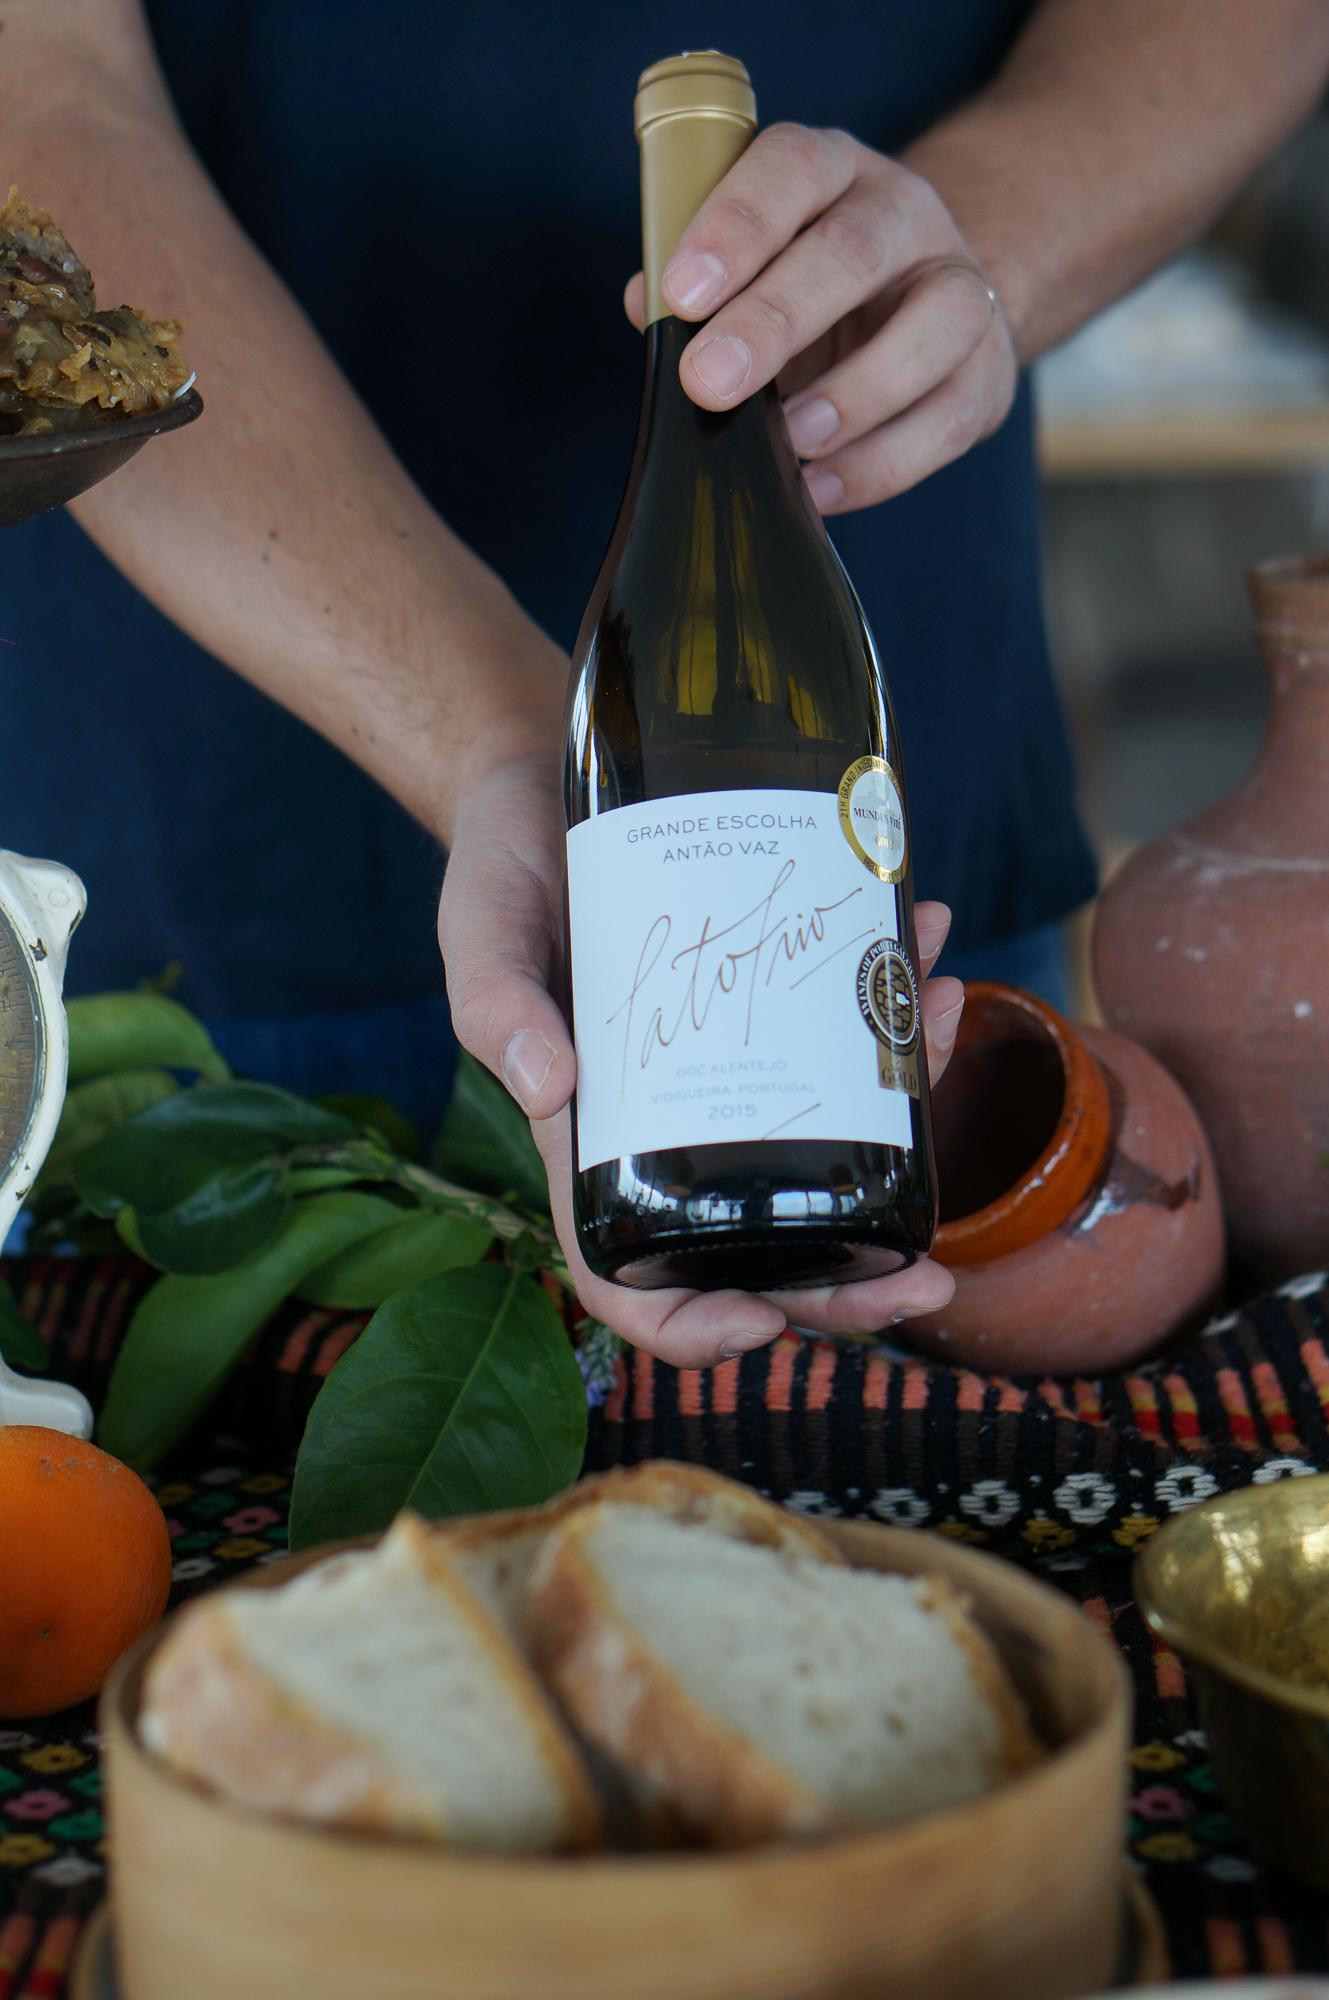 Ribafreixo Wines - 6 Vinhos & Produtos Regionais